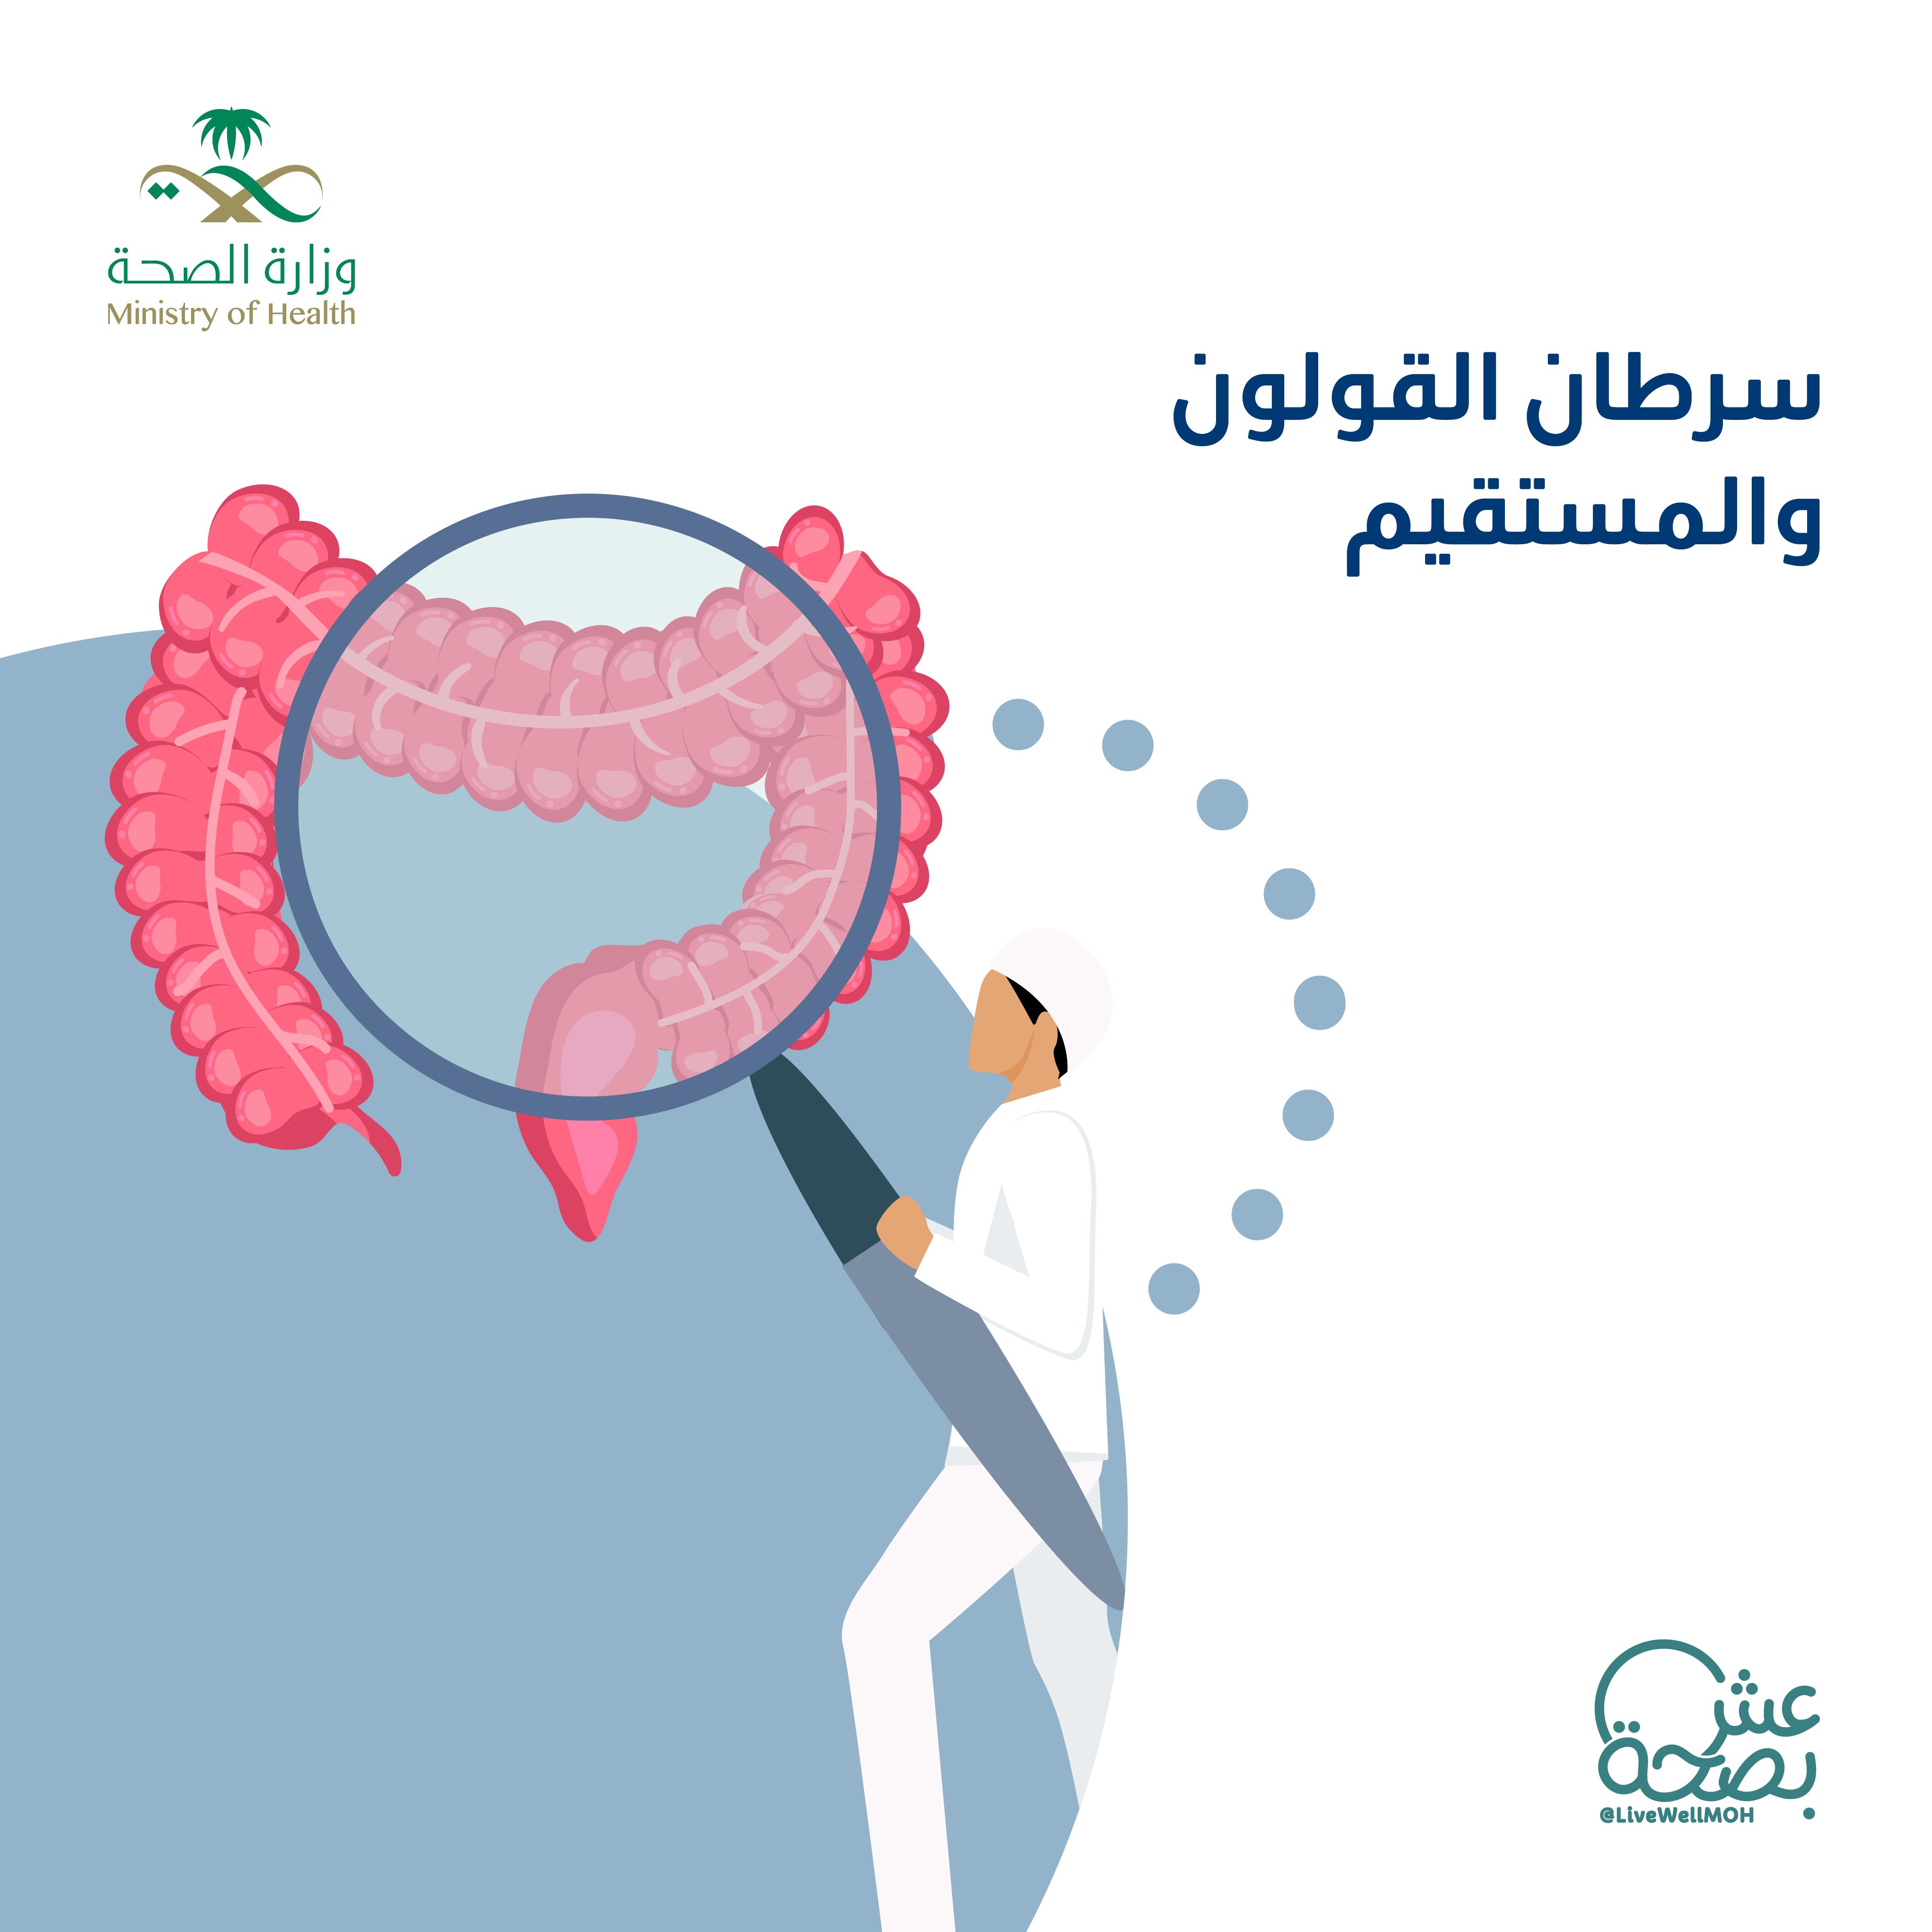 الأمراض المزمنة سرطان القولون والمستقيم